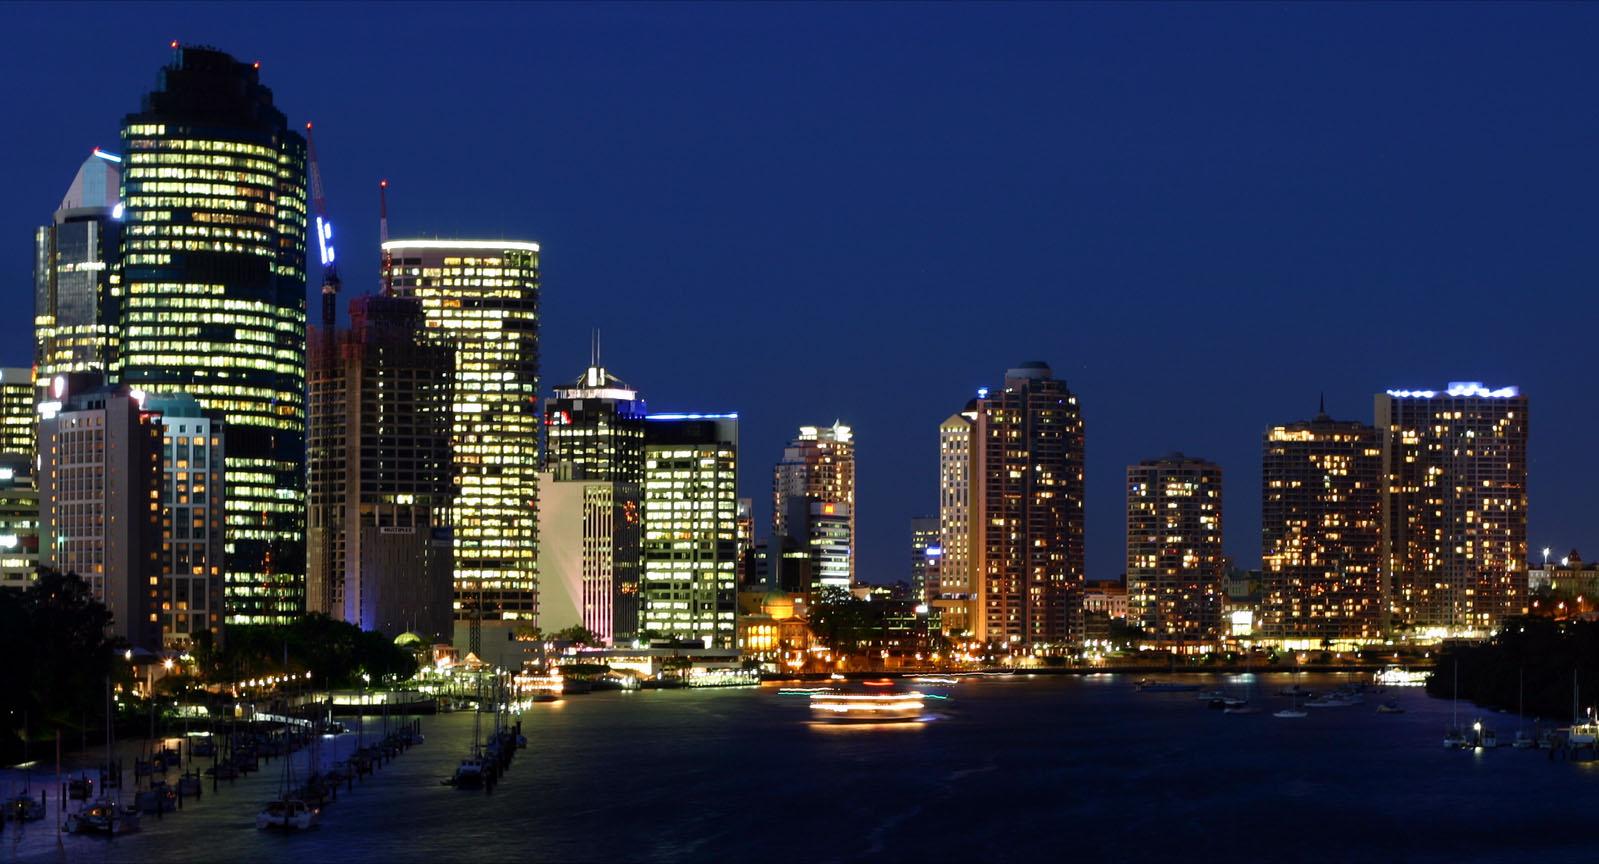 Brisbane City Night دانلود افکت های شب شهر